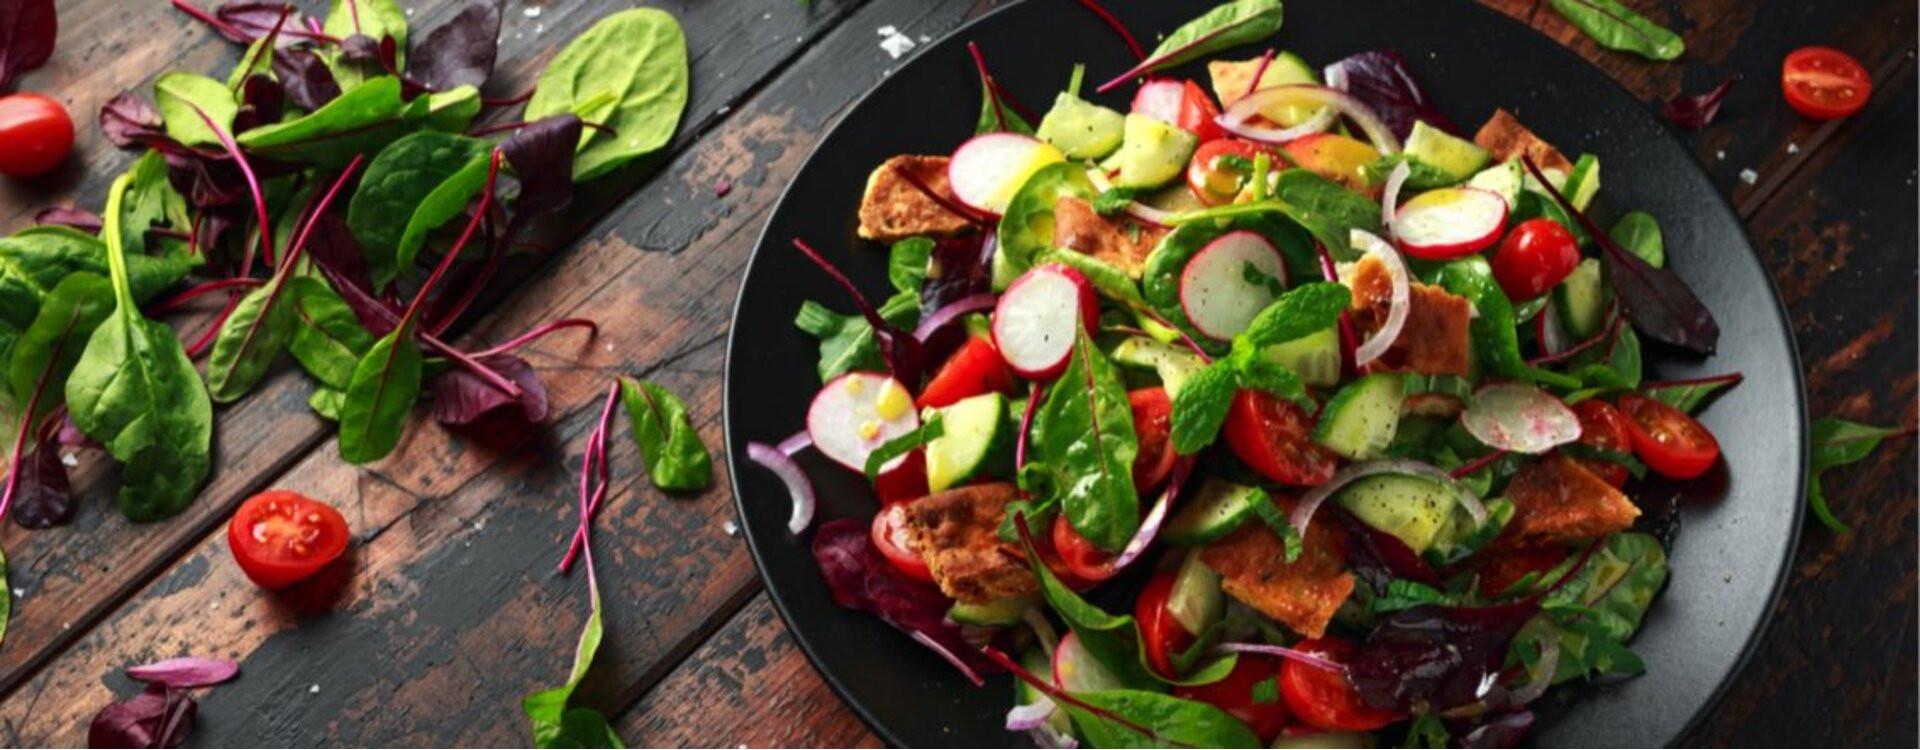 De salades